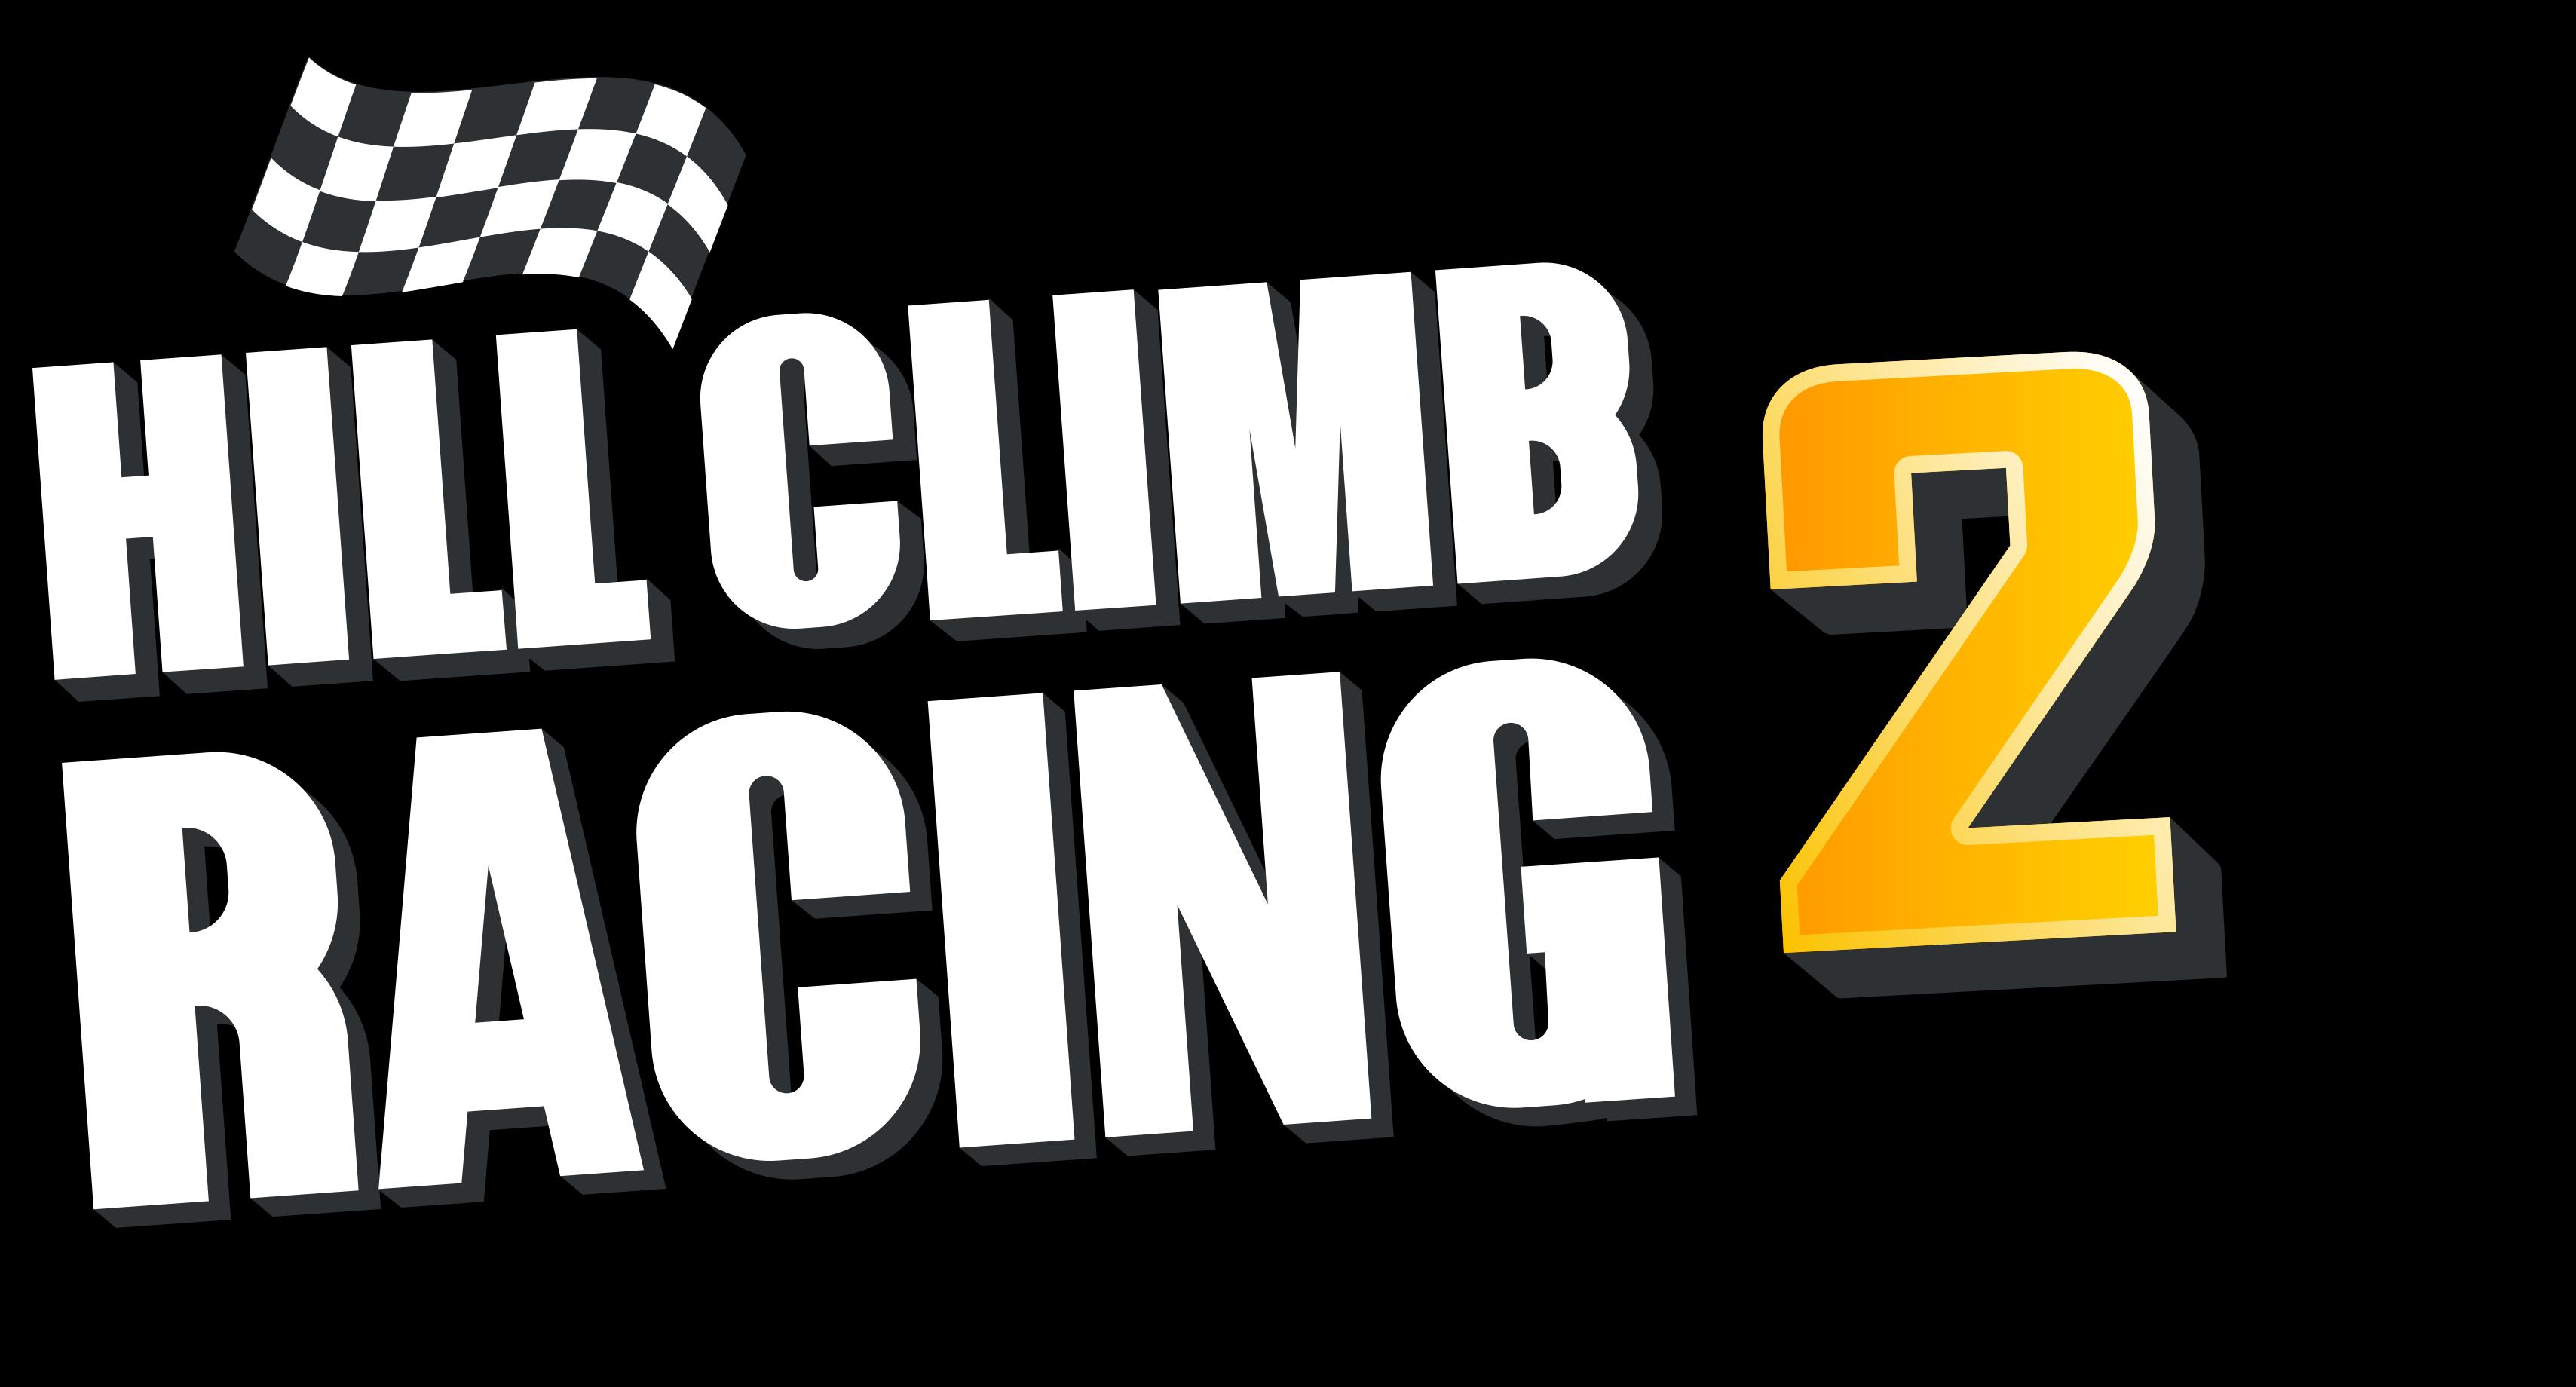 Hill Climb Racing 2 - Ama Hillclimb Logo Vector PNG